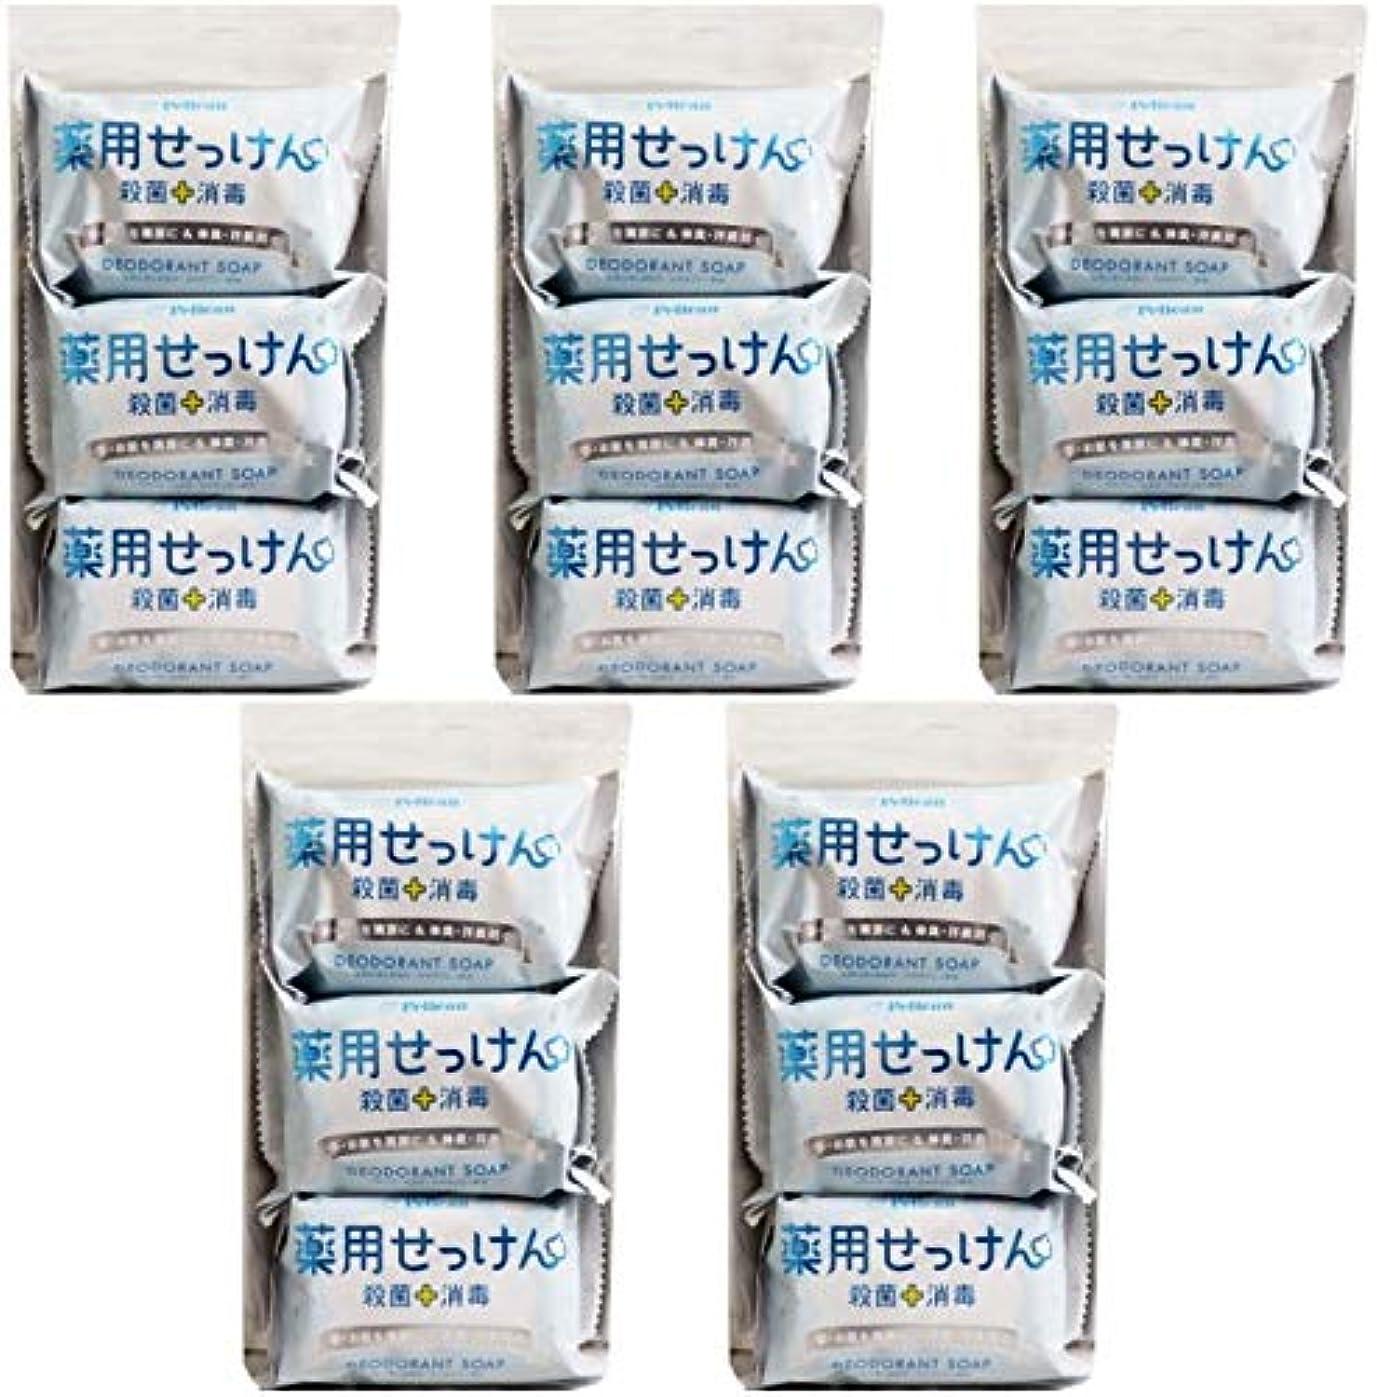 スペード低いアルファベット順【まとめ買い】ペリカン石鹸 薬用せっけん 85g×3個【×5個】